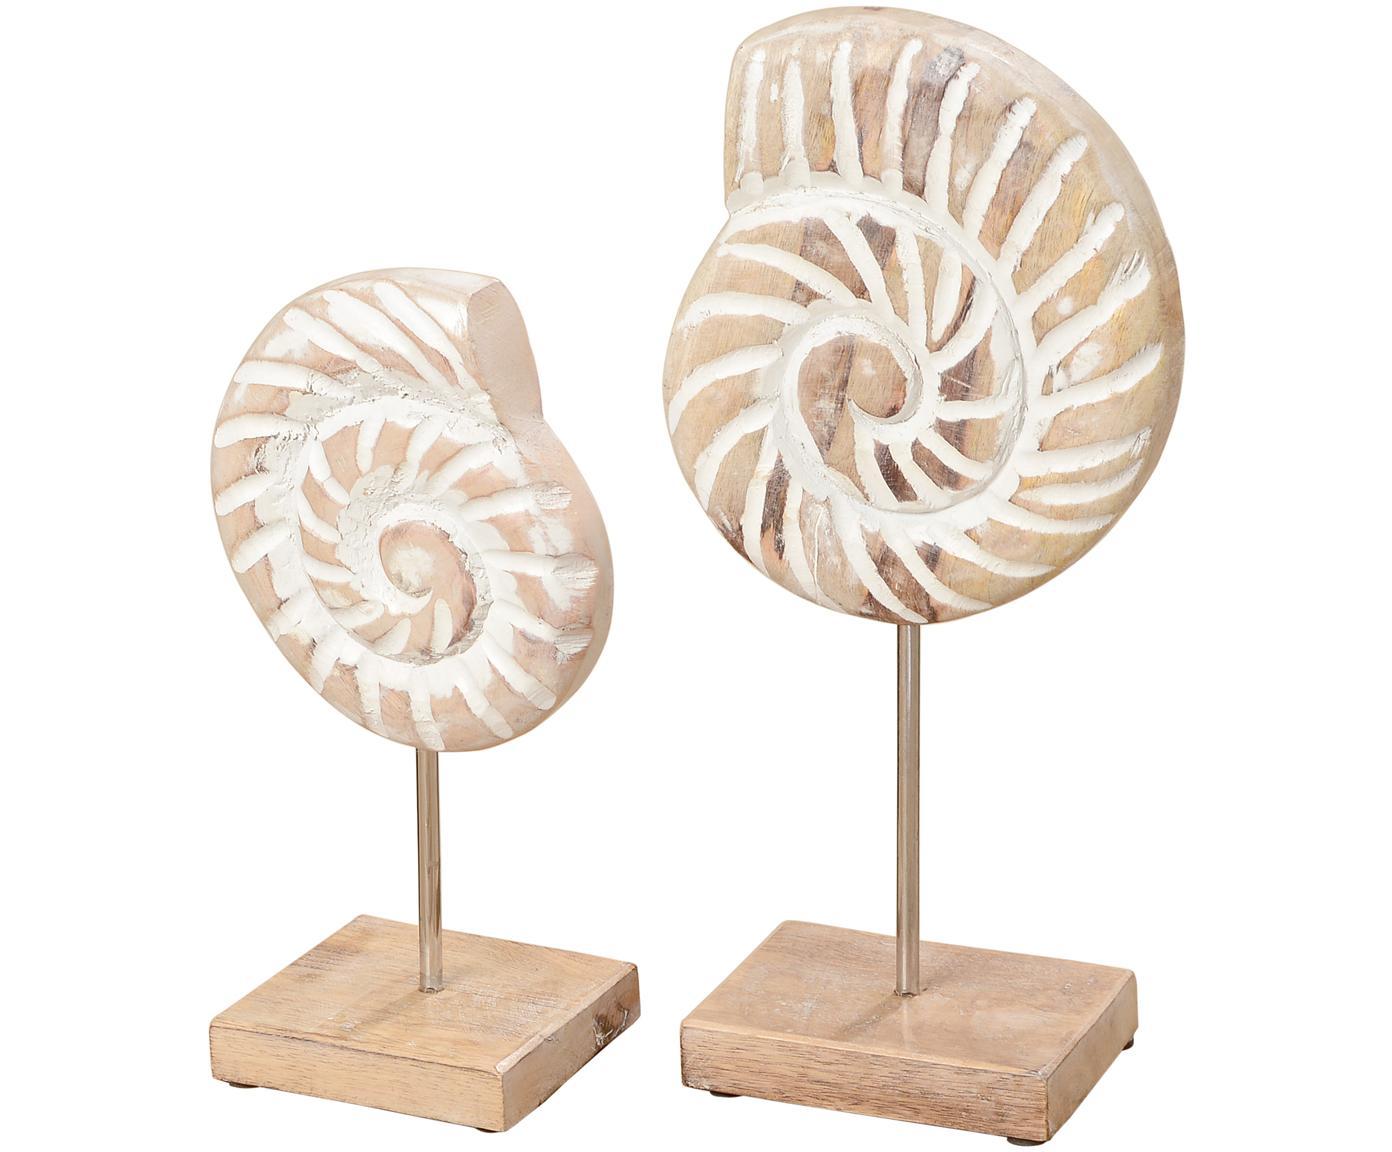 Komplet dekoracyjnych muszli Ana, 2elem., Drewno mangowe, metal, Drewno mangowe, biały, Różne rozmiary